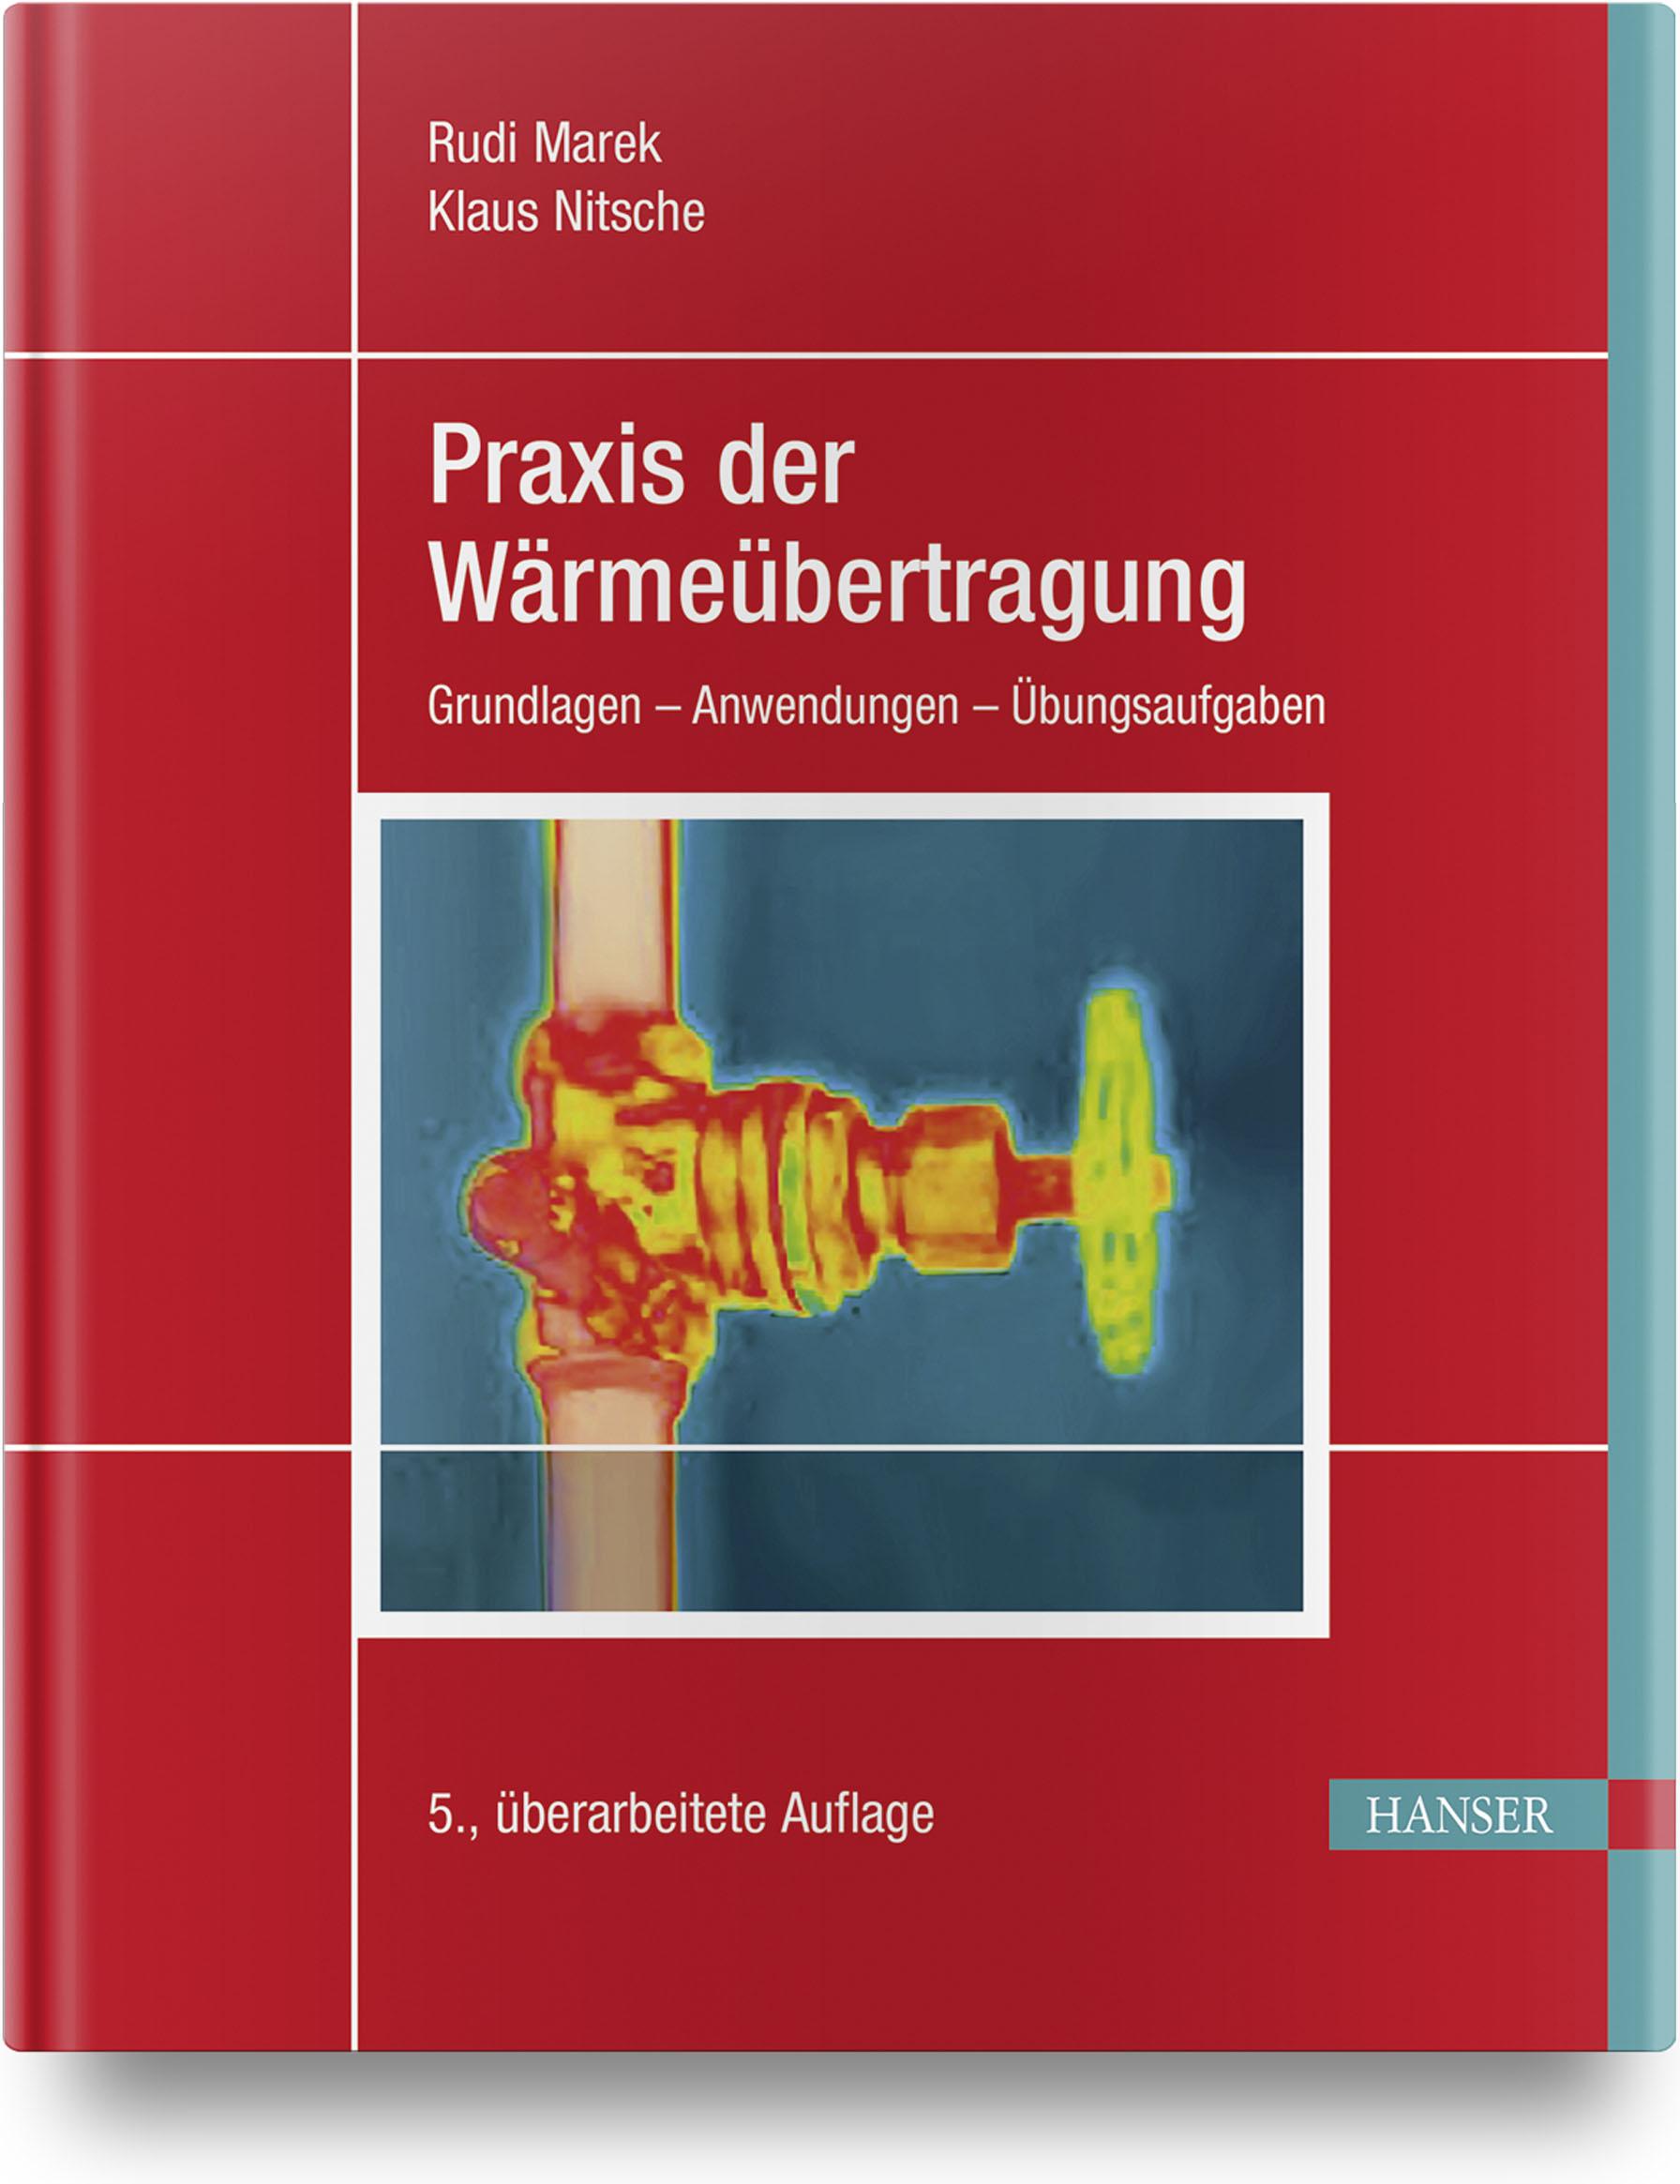 Marek, Nitsche, Praxis der Wärmeübertragung, 978-3-446-46124-6